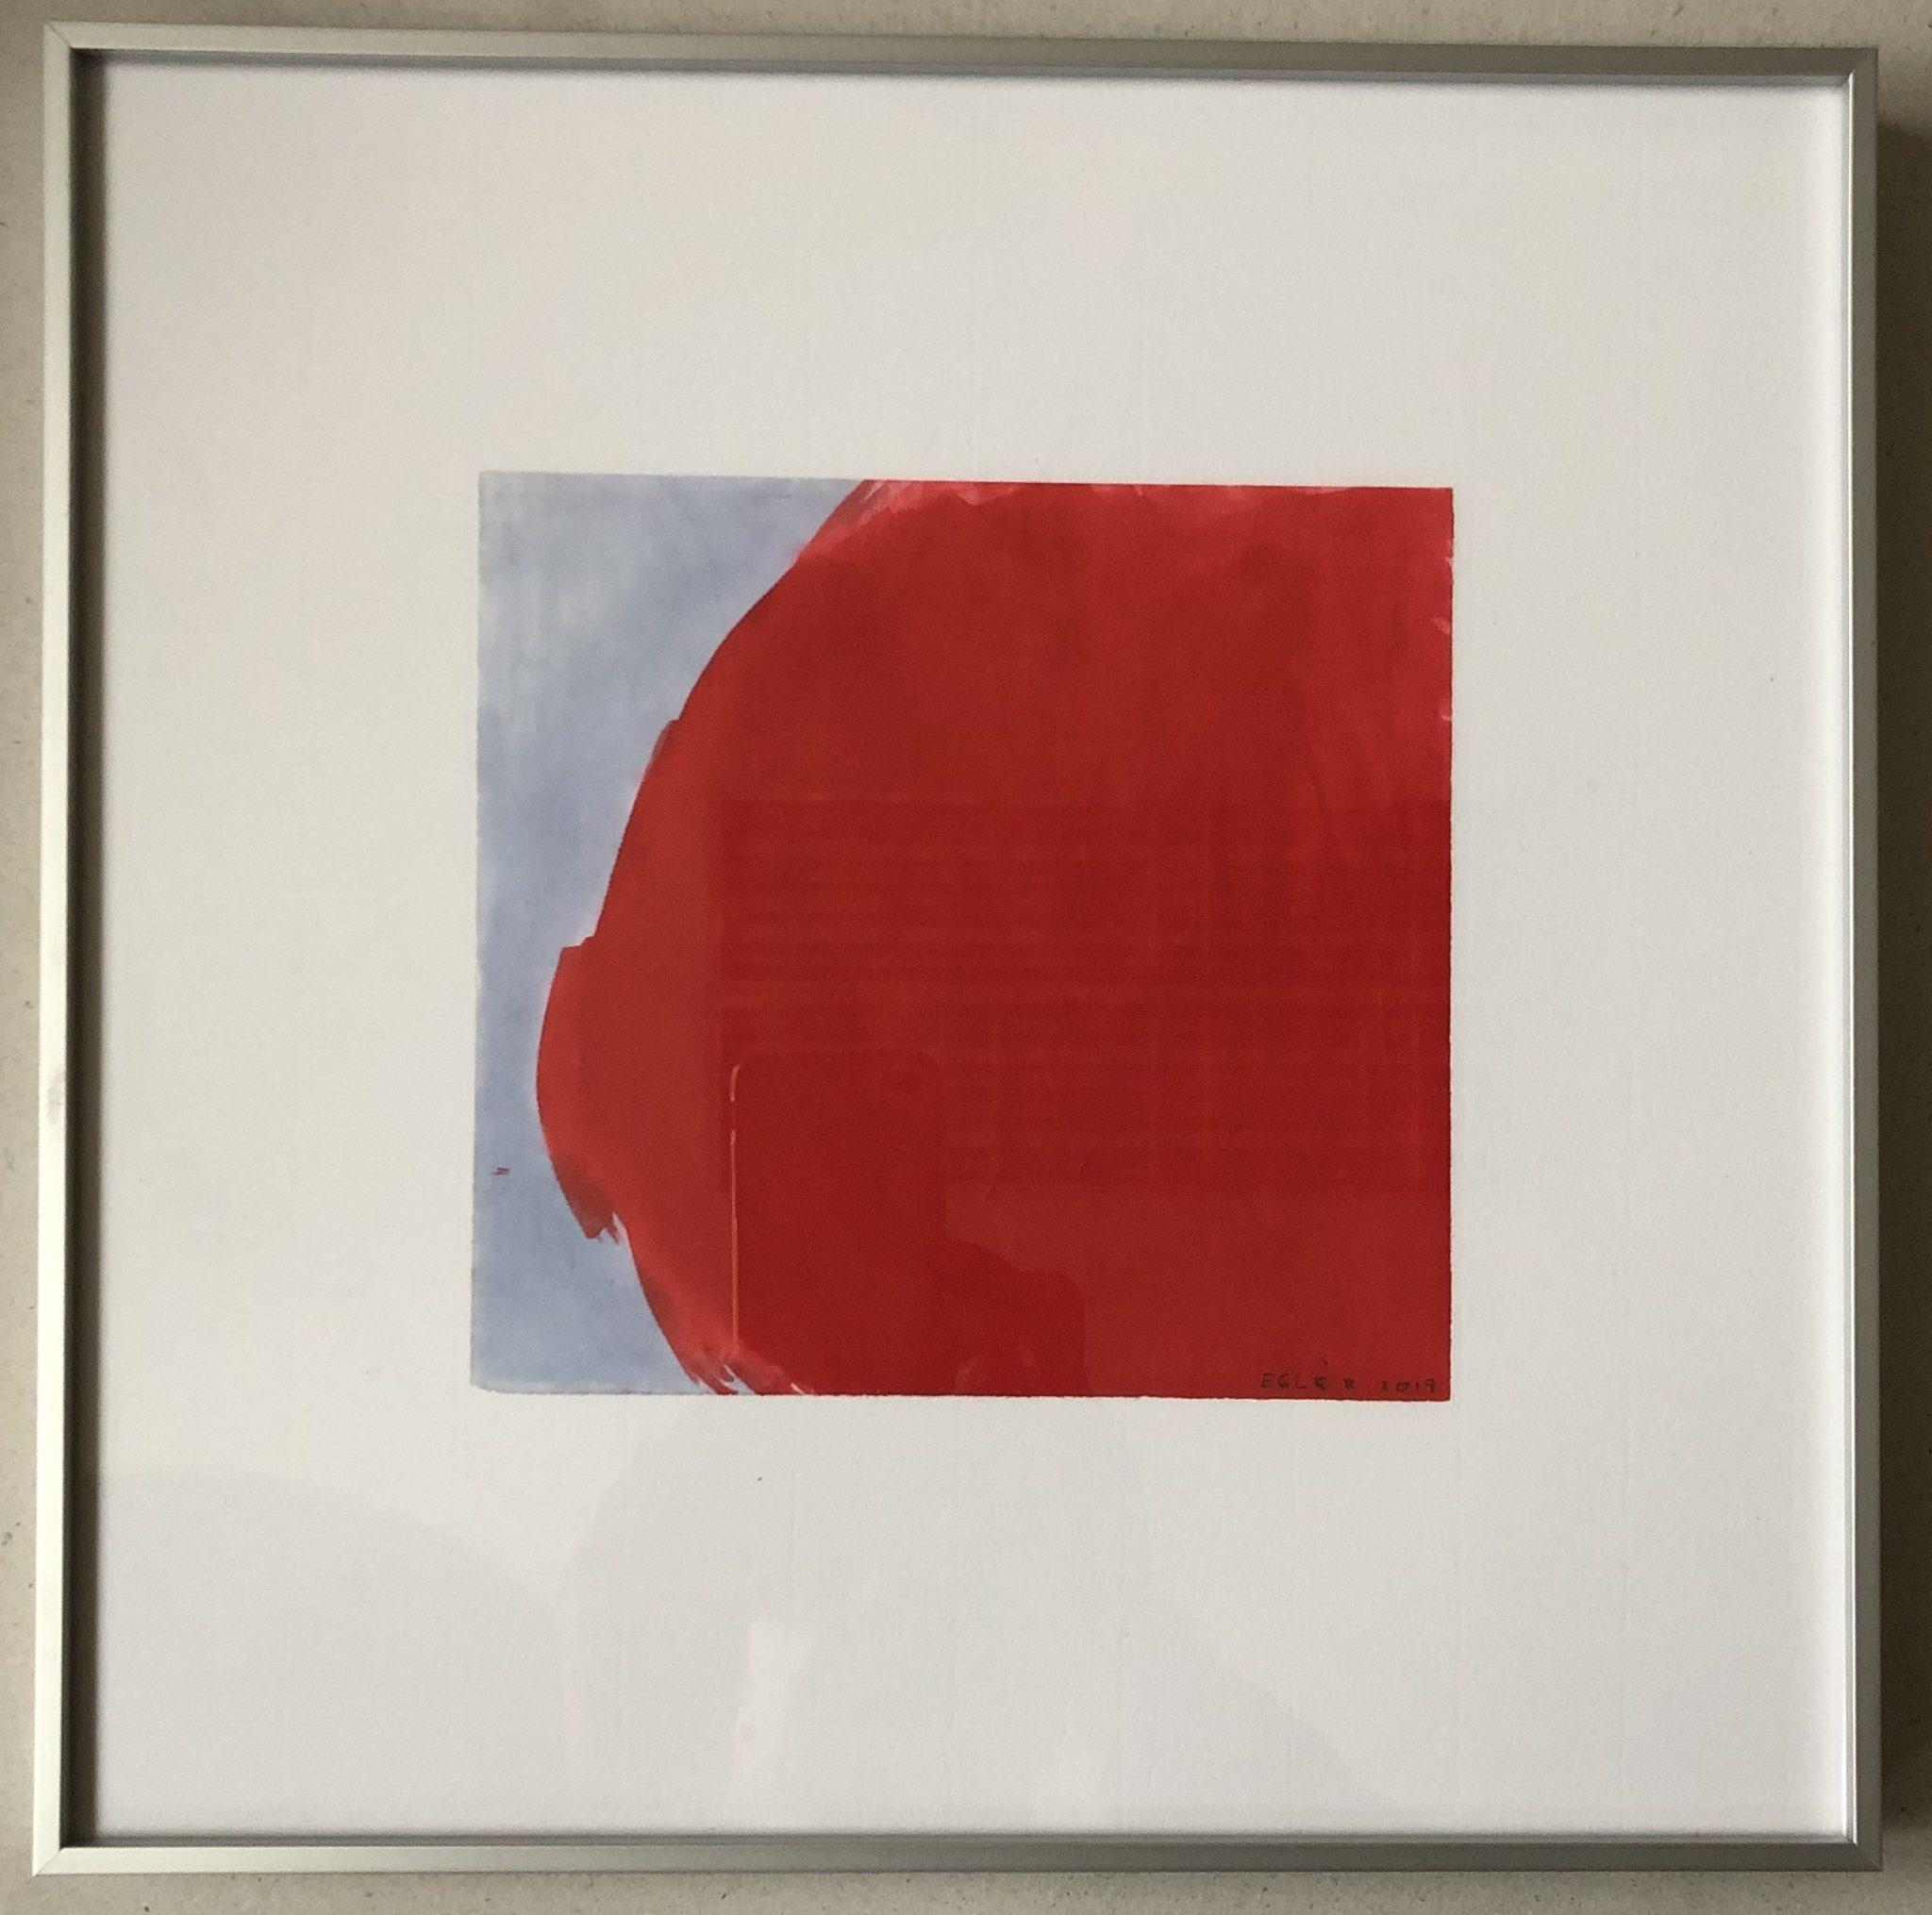 Eglė Ridikaitė, Trys dienos Veronoje + raudonas lagaminėlis, 2019, promarkeris, Letraset popierius, 14X16 cm (darbas) Įrėmintas.